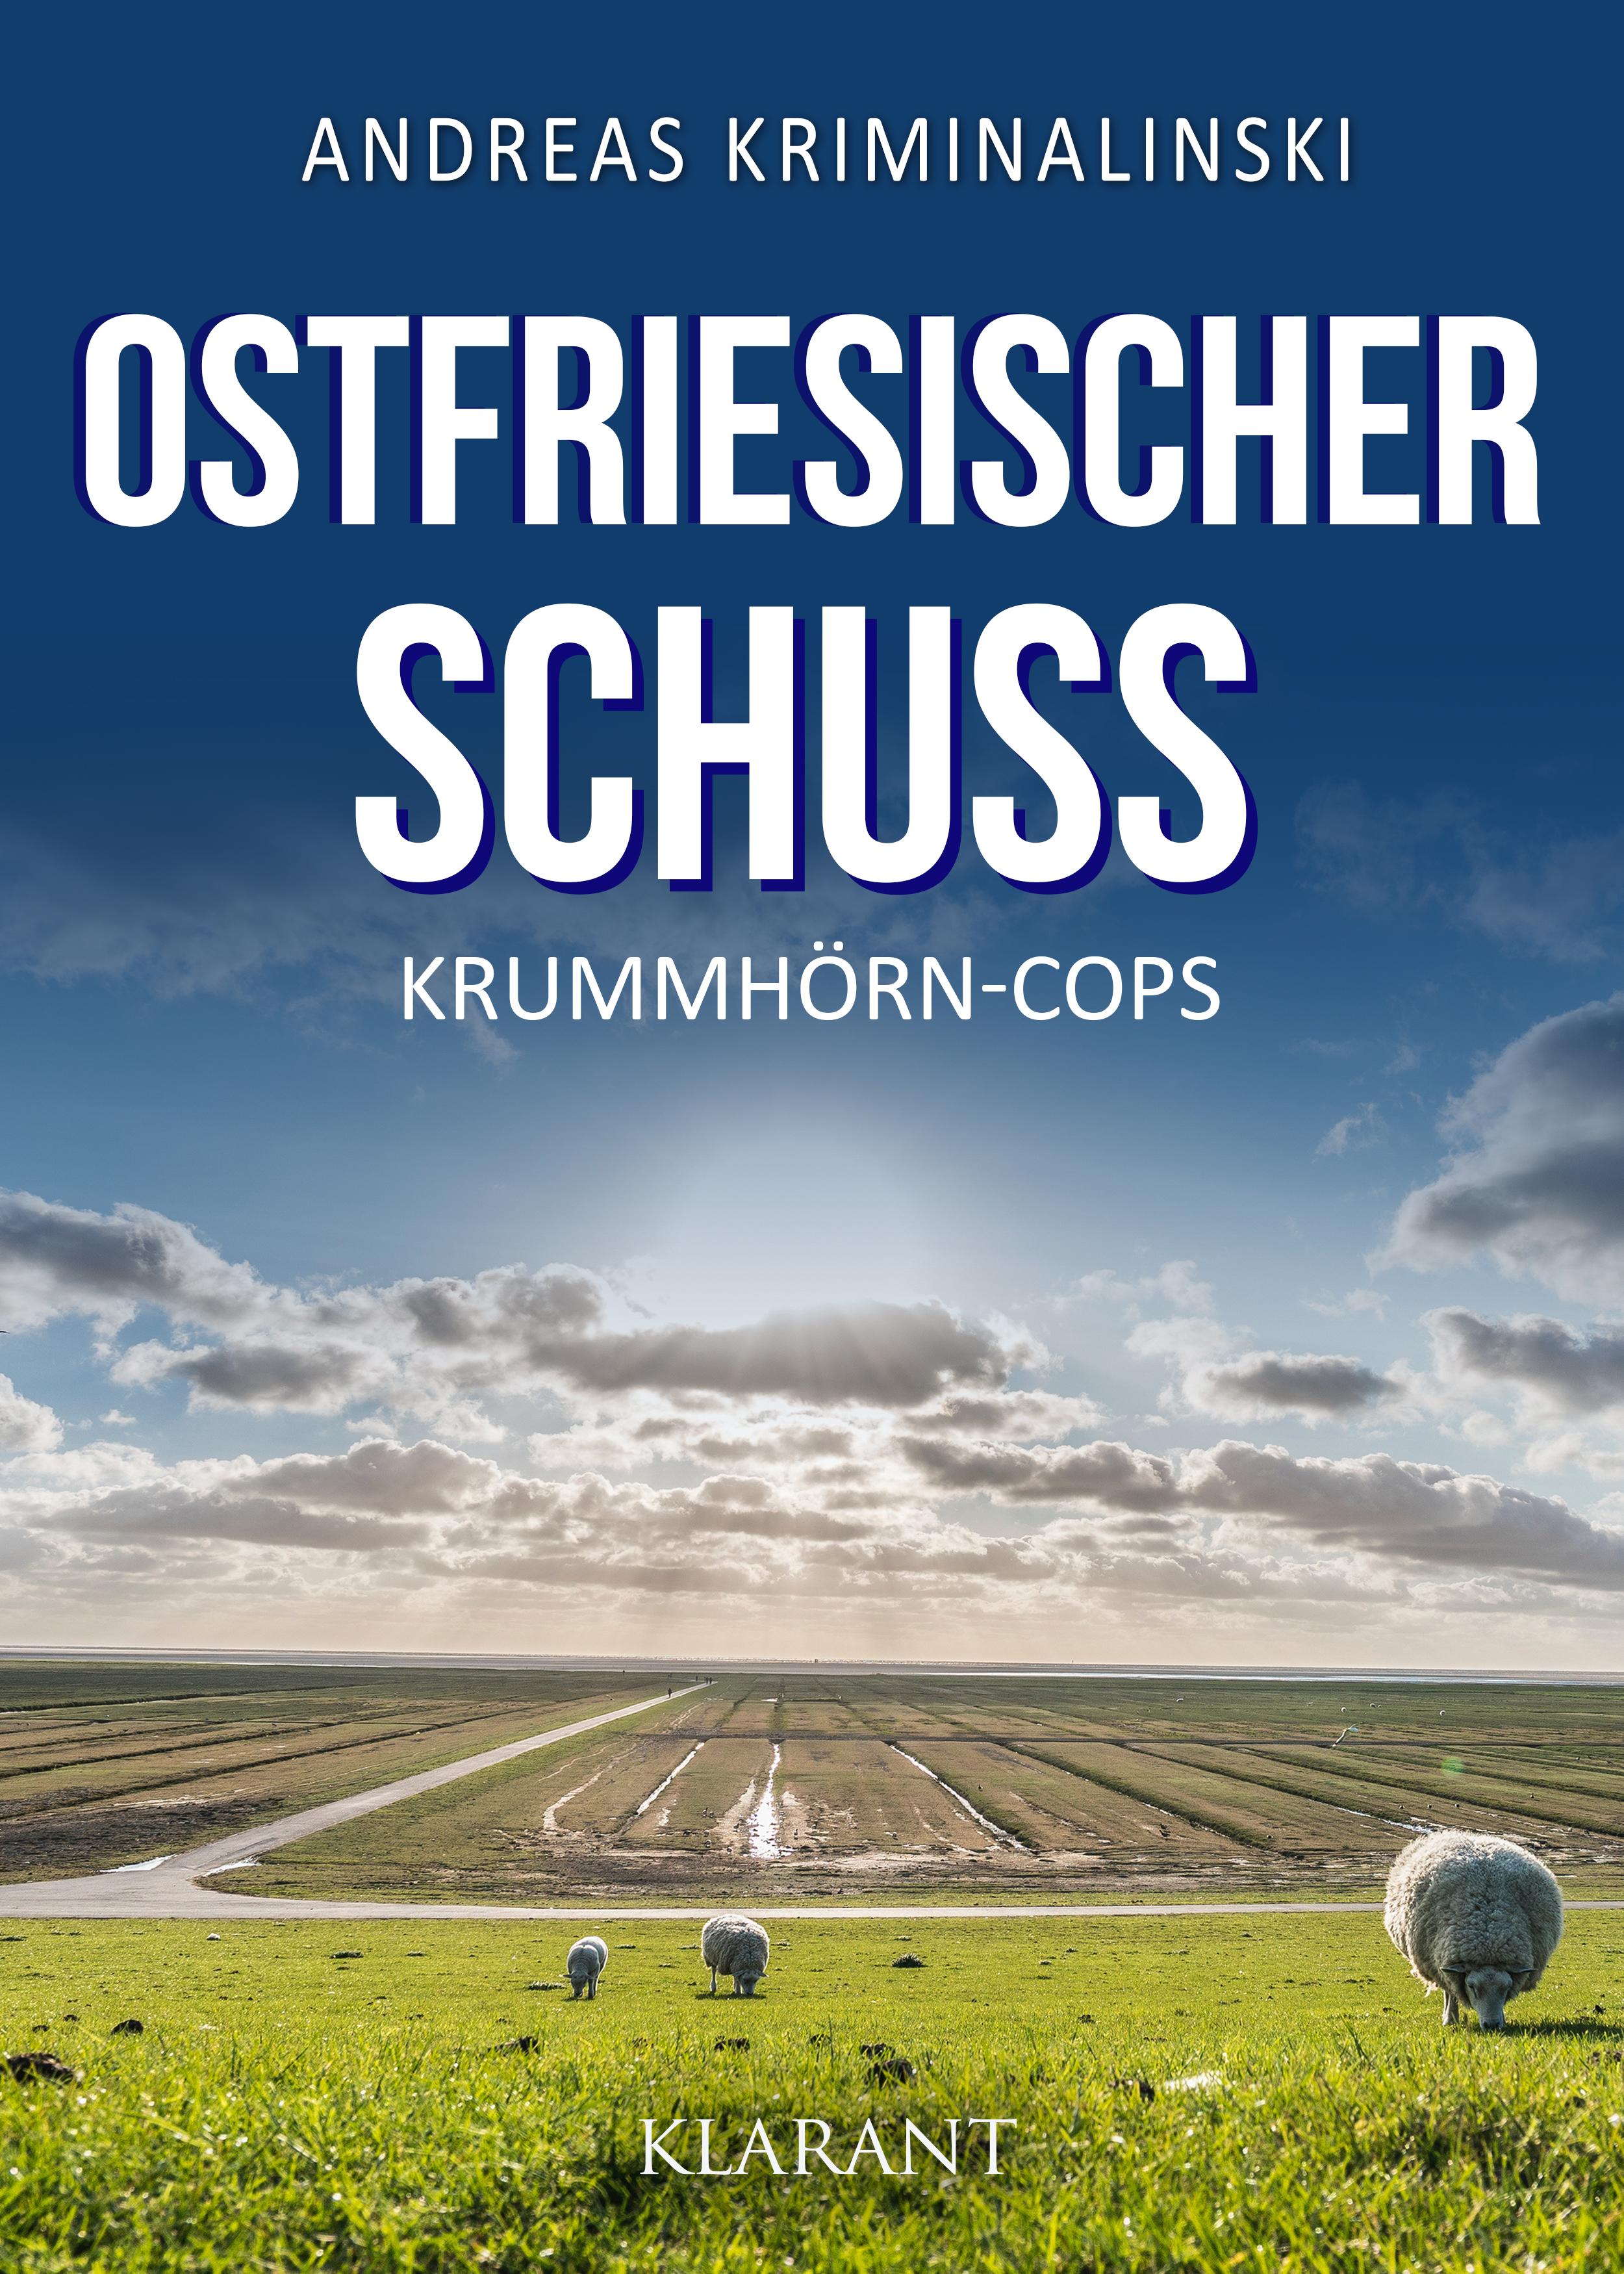 7651592644461834_OstfriesischerSchuss_V3.jpg